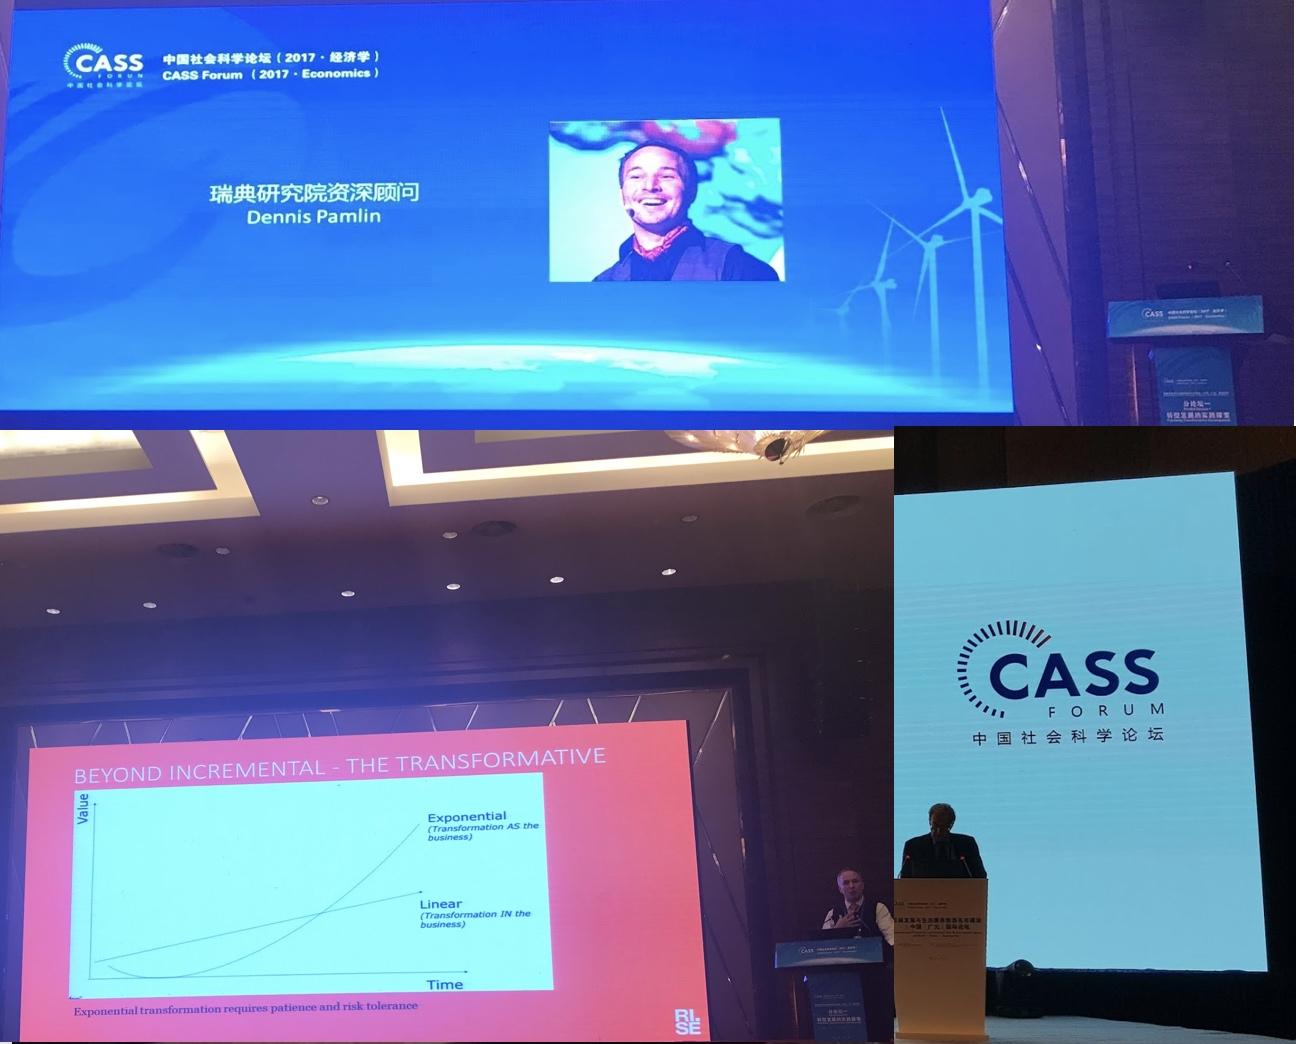 CASS-Forum.jpg